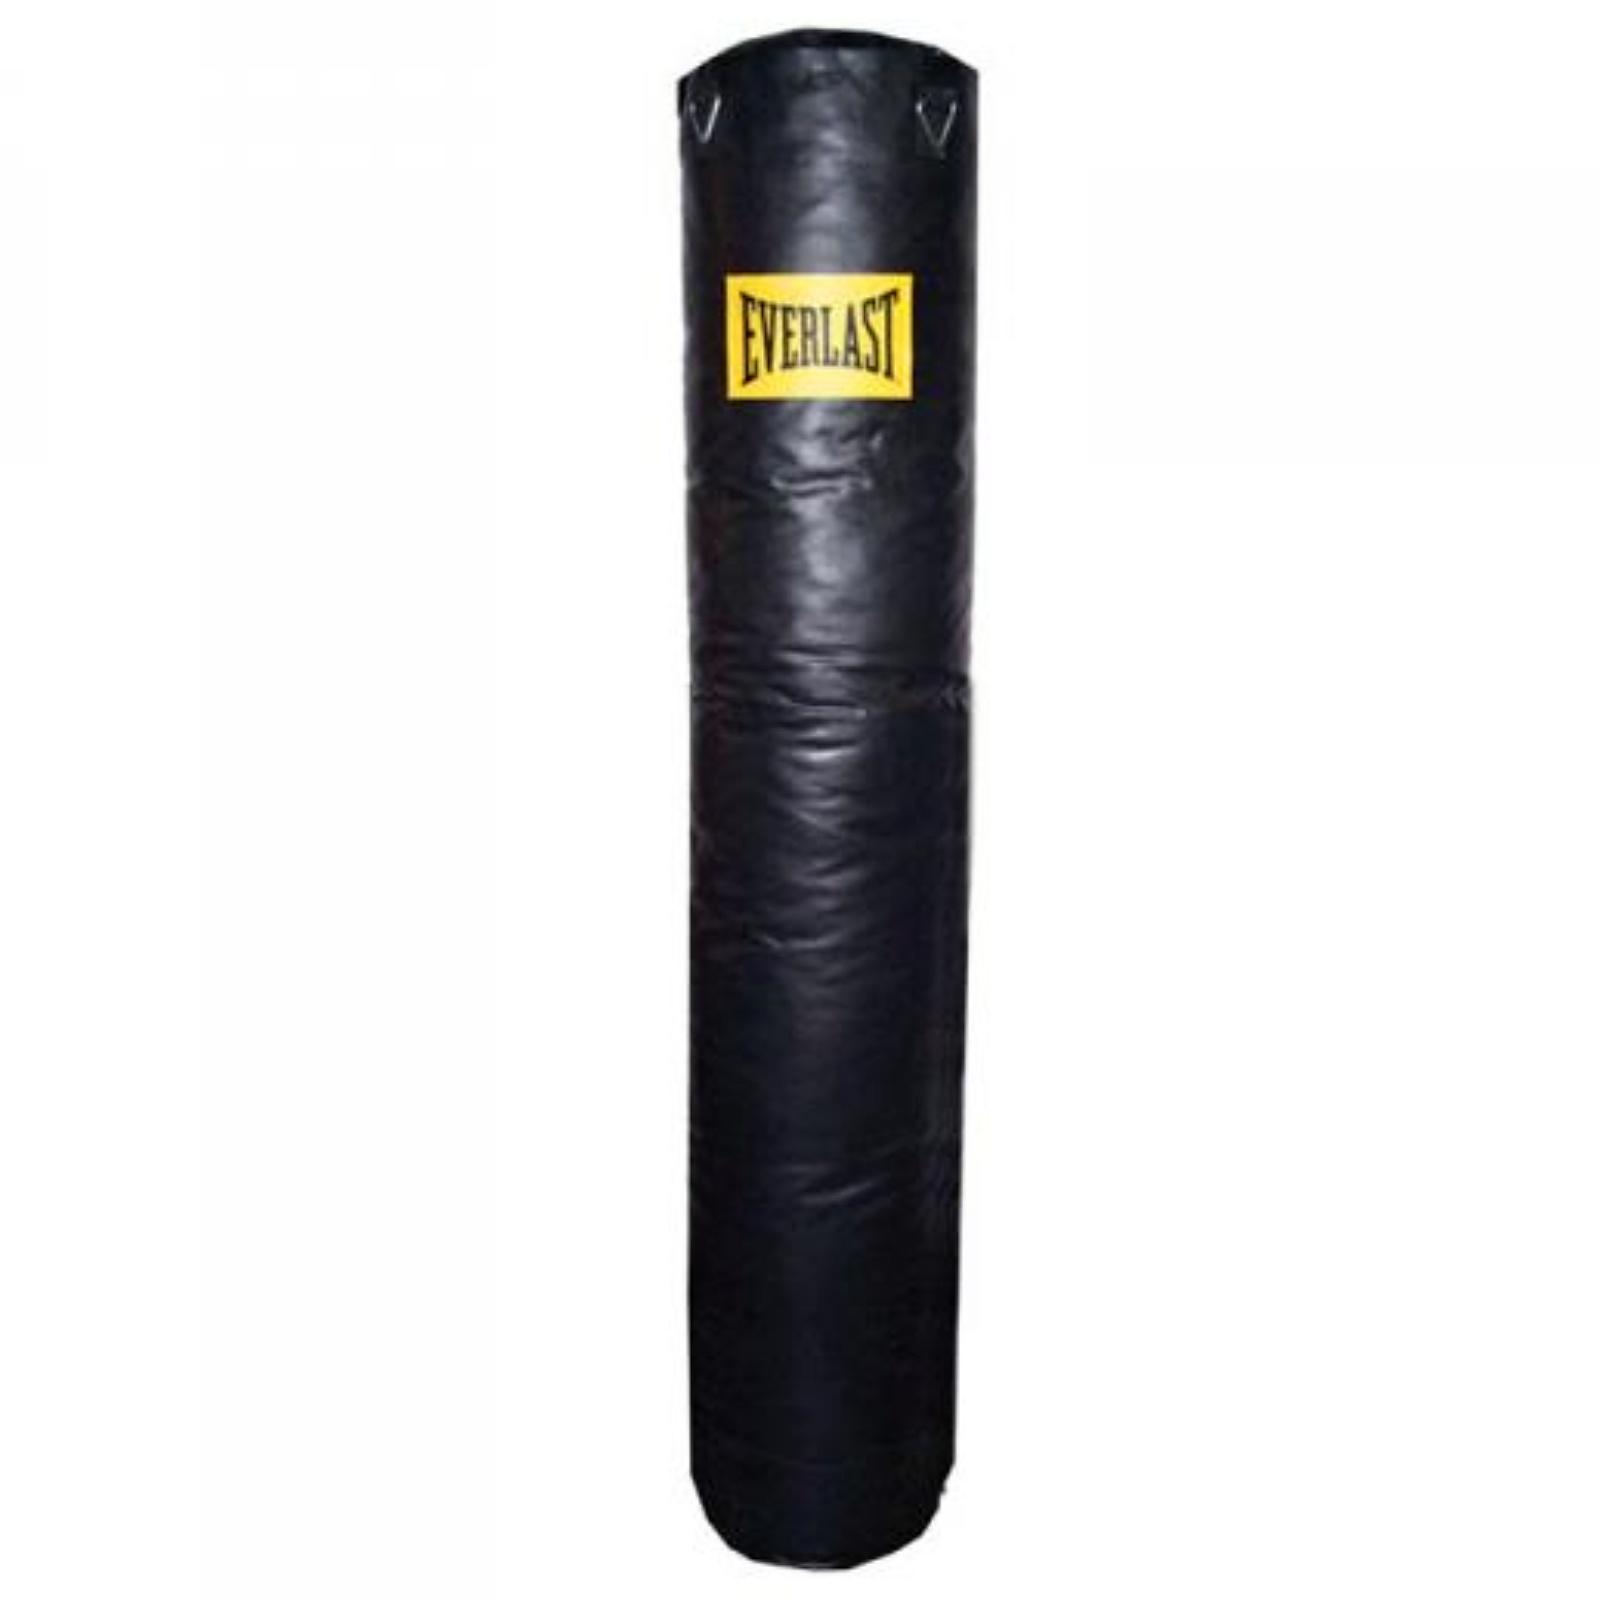 Boxovací pytel EVERLAST Nevatear černý, 180 cm, 45 kg